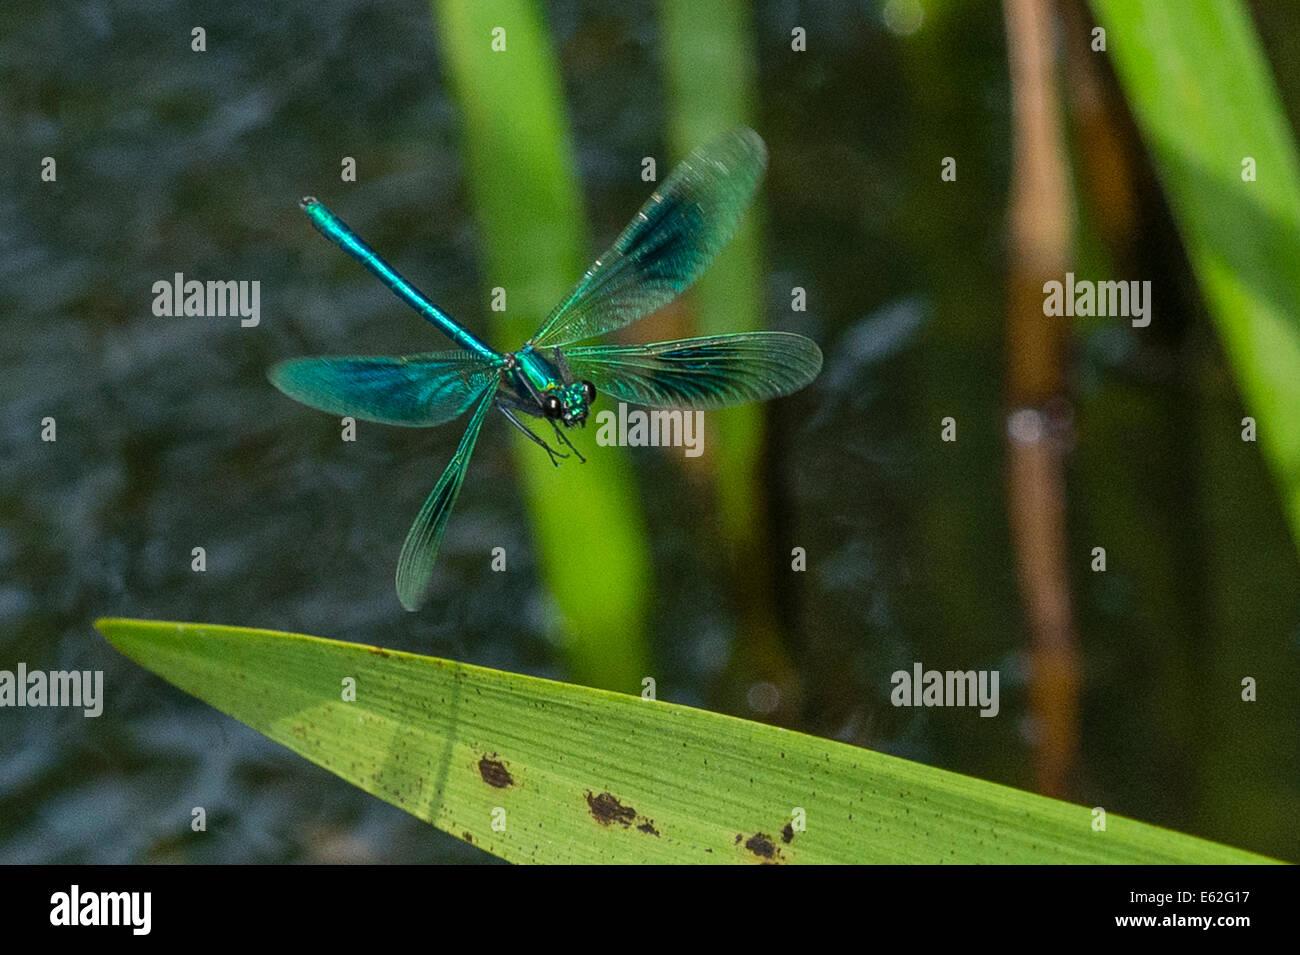 A Demoiselle Damselfly landing on a leaf Stock Photo